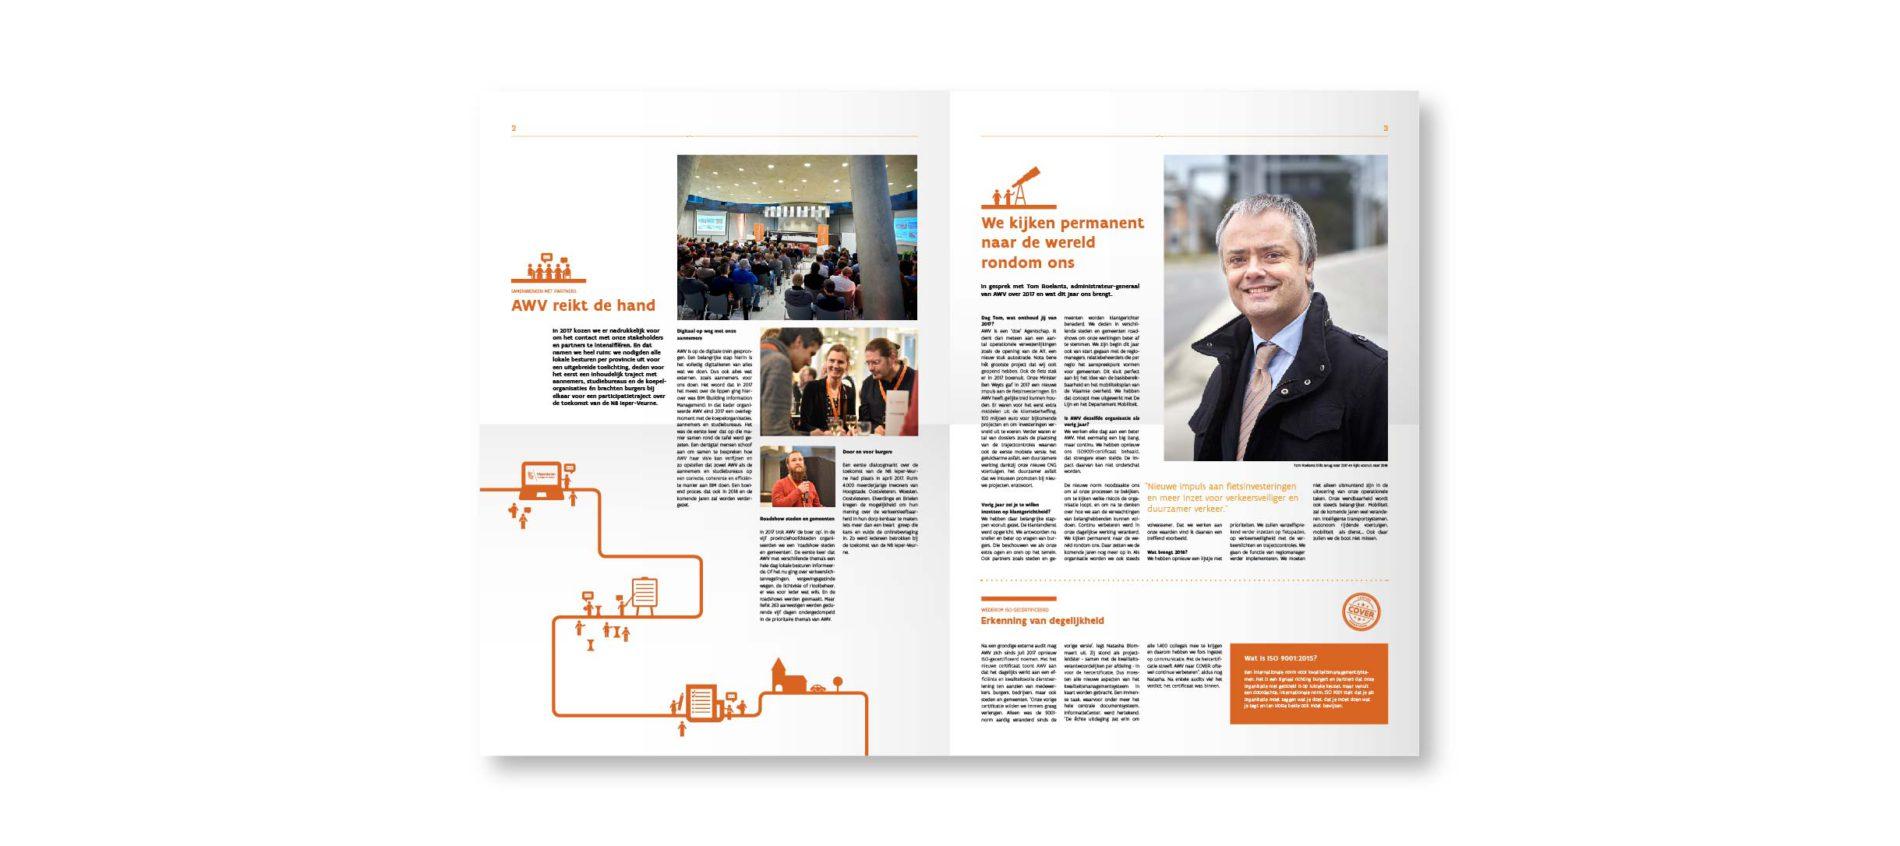 Eerste pagina van het activiteitenverslag.